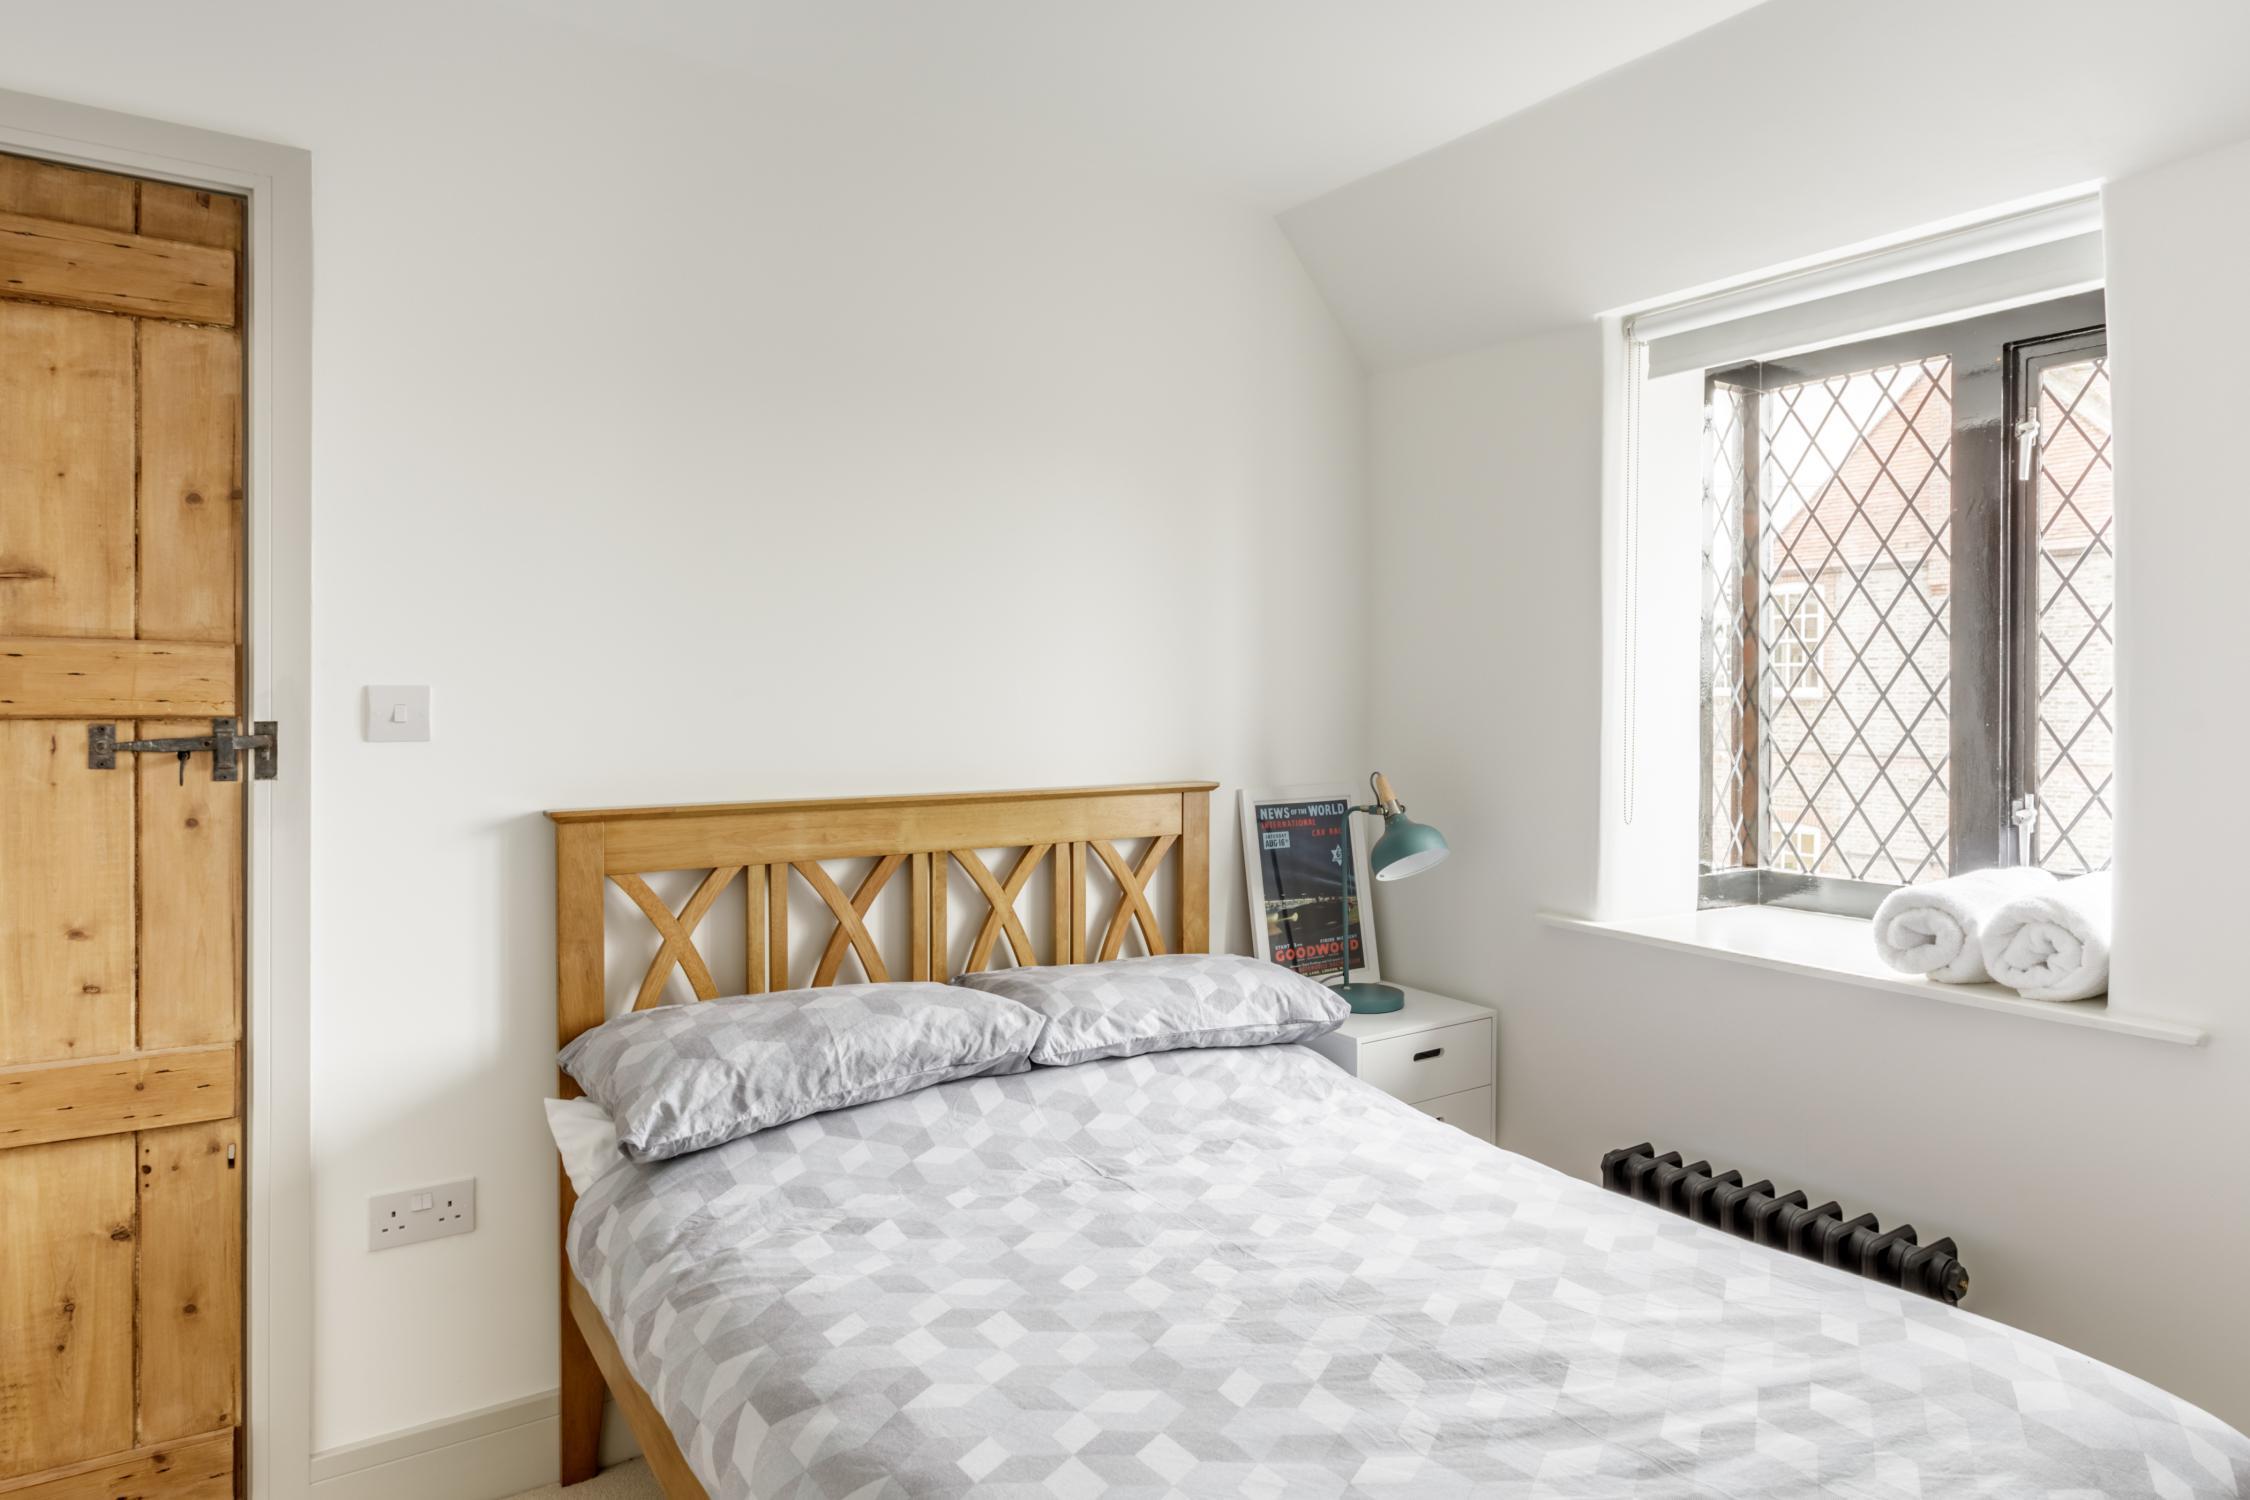 Worthing Builders-ExtraOrdinaryRooms-Arundel renovation Bedroom.jpg